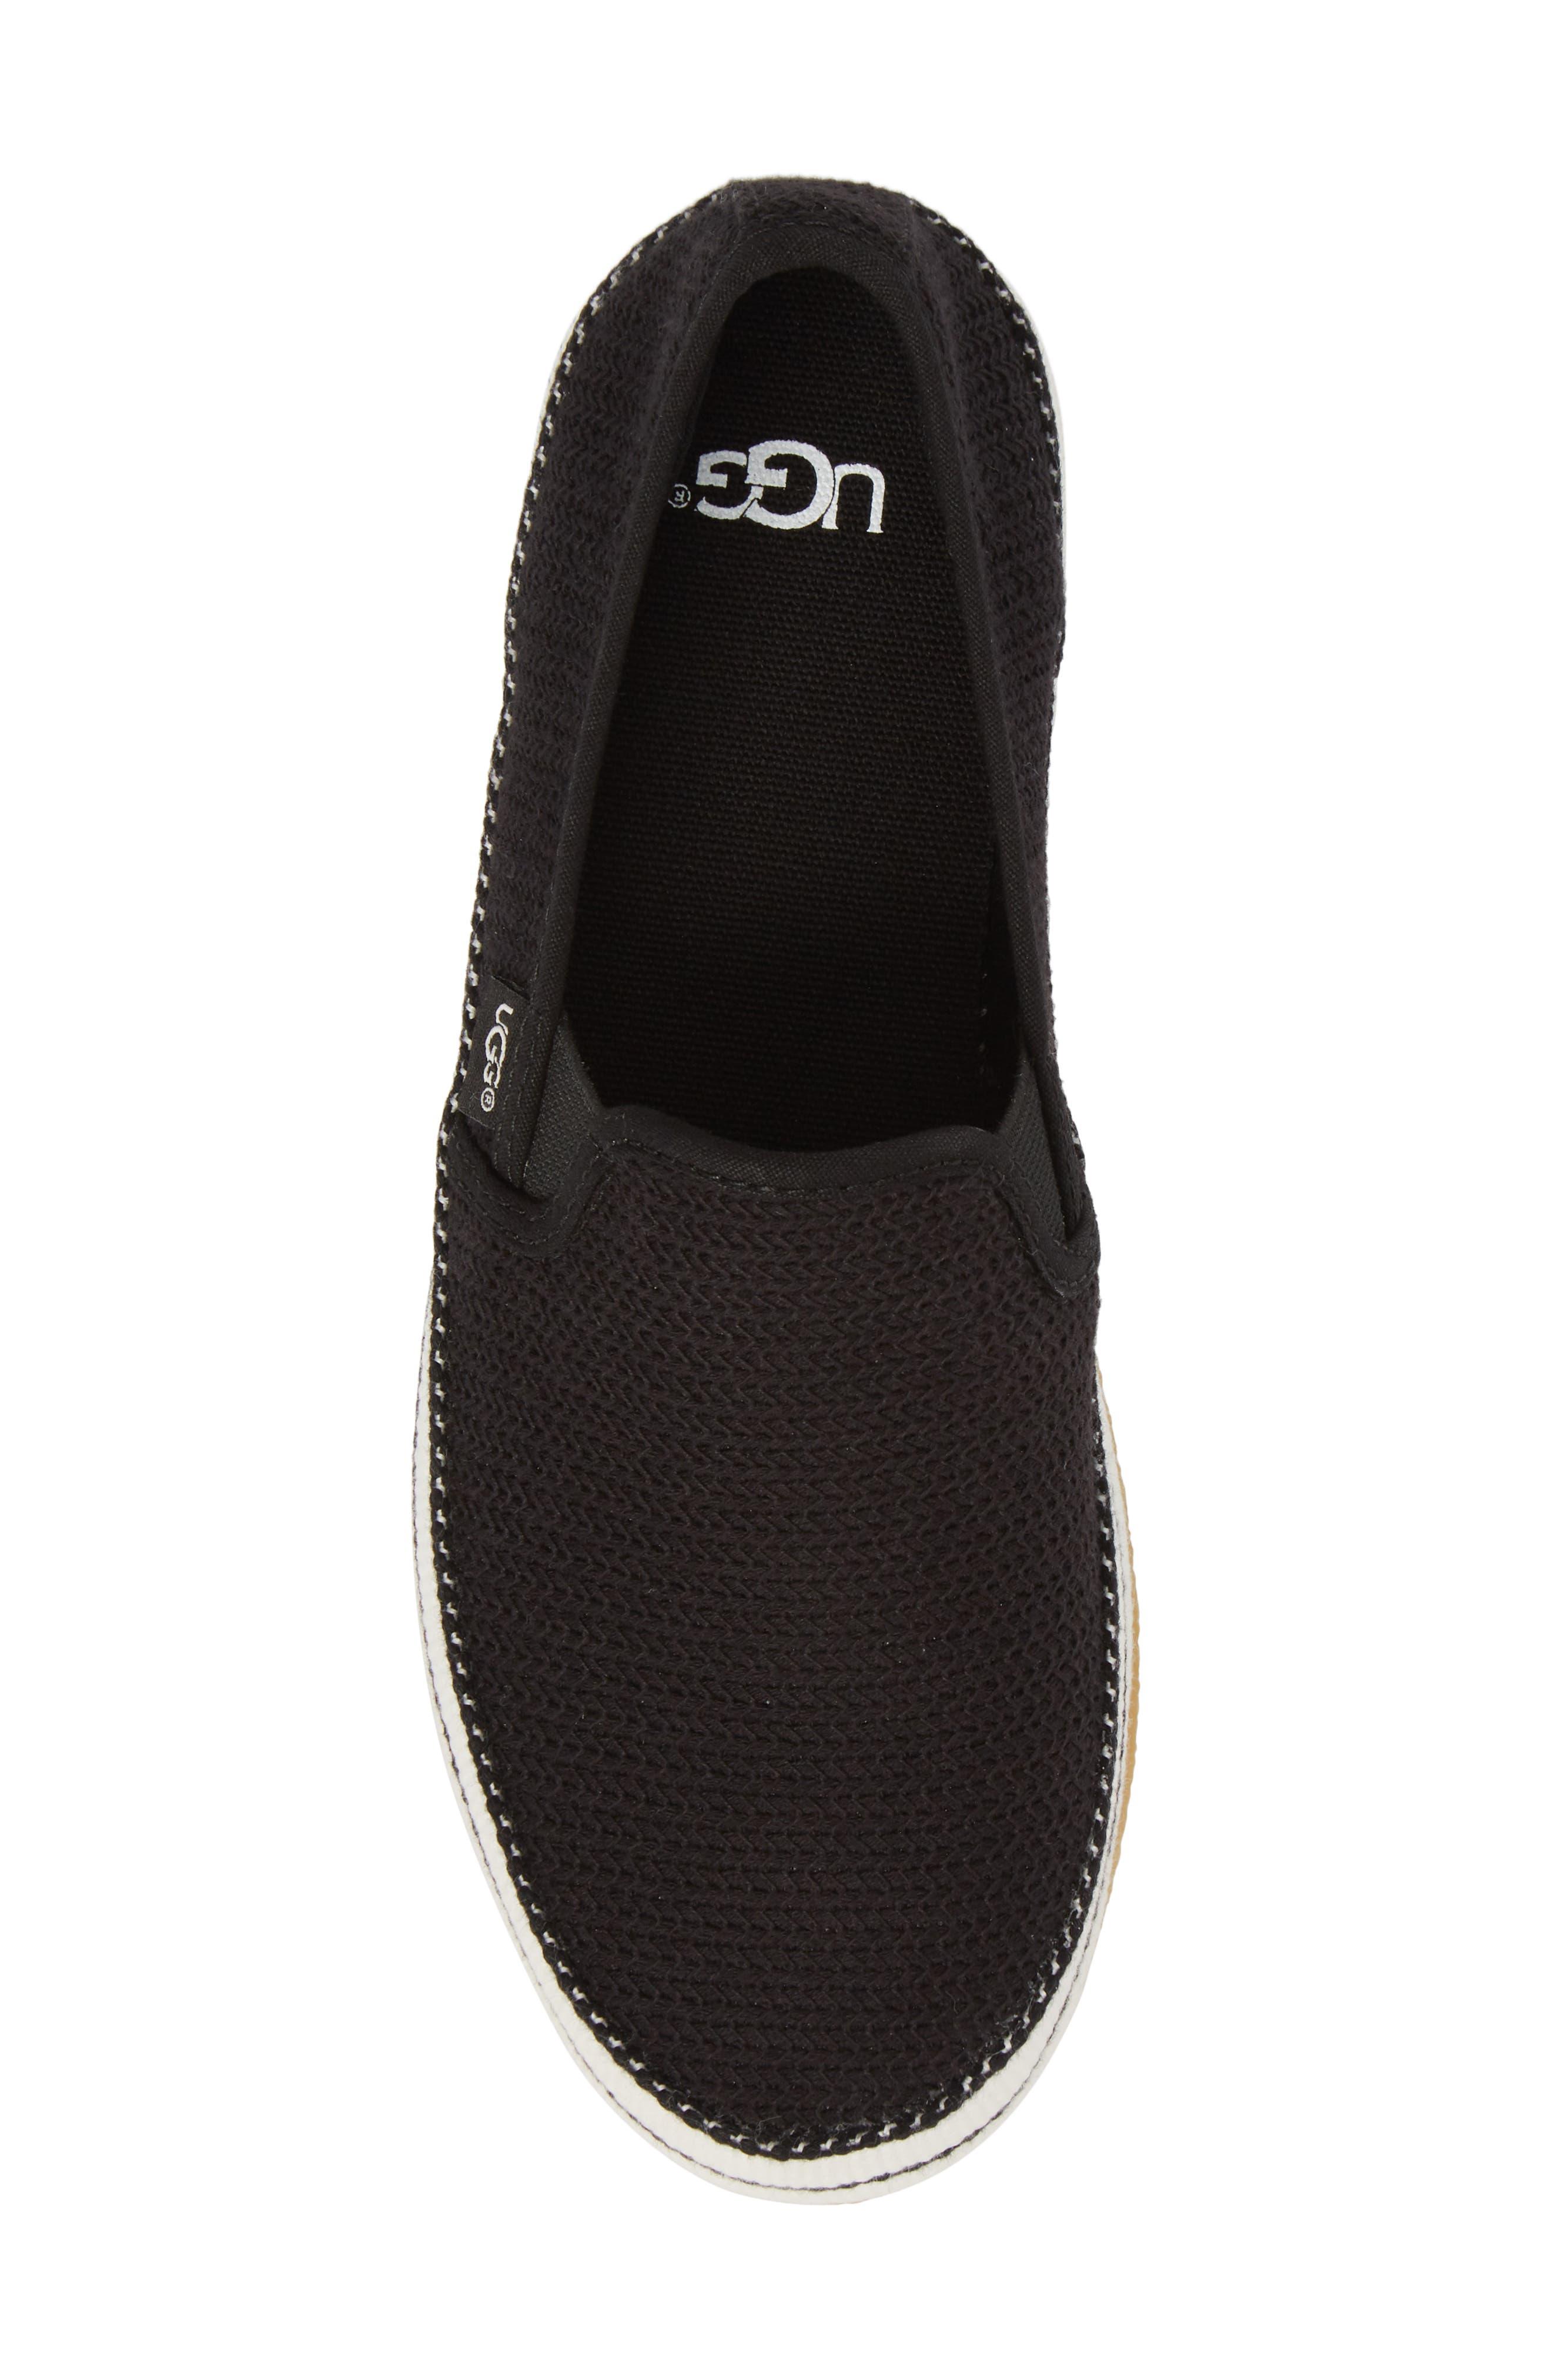 Bren Slip-On Sneaker,                             Alternate thumbnail 5, color,                             BLACK